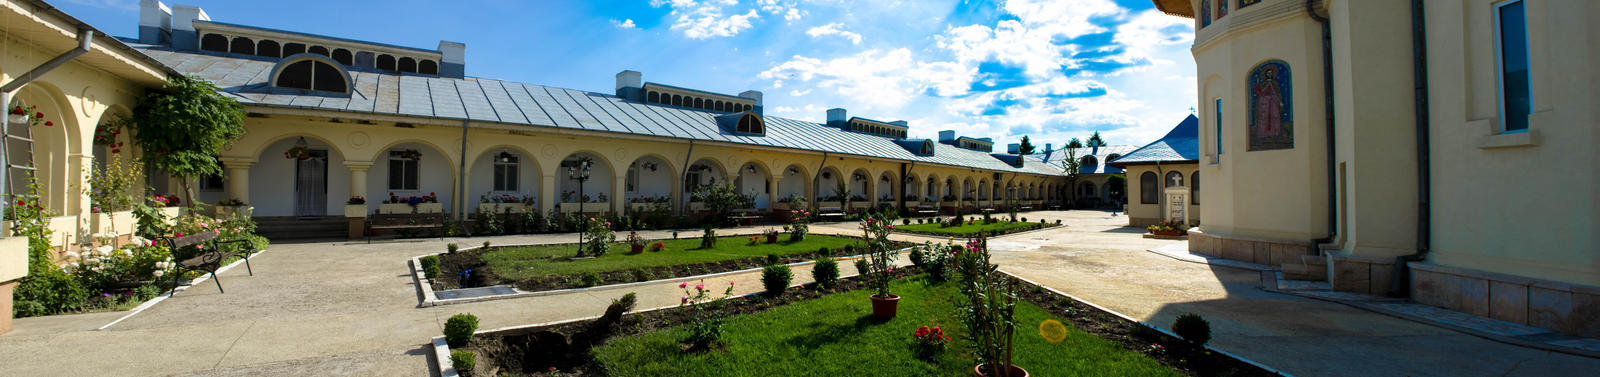 Romania Monastery inside PANORAMA